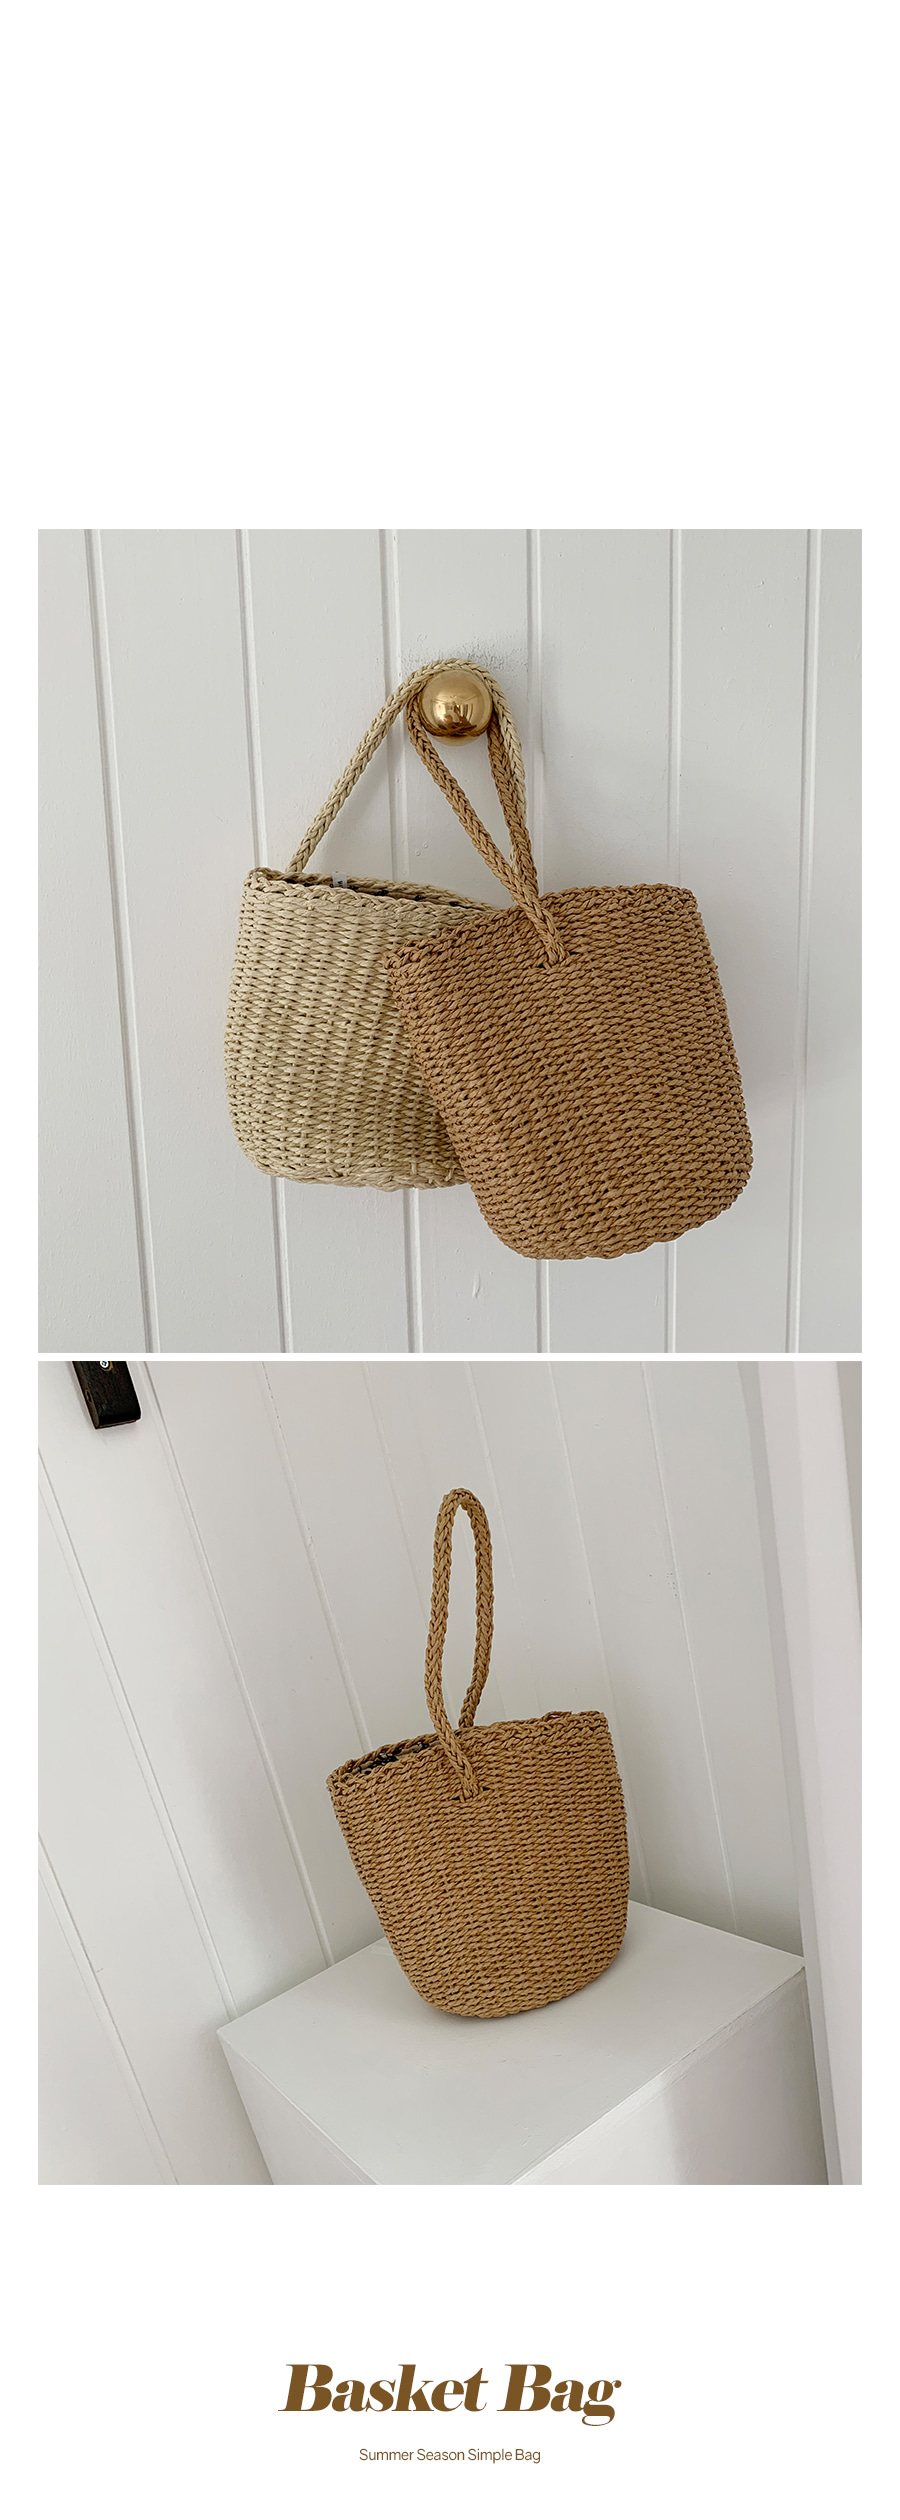 Bay basket bag